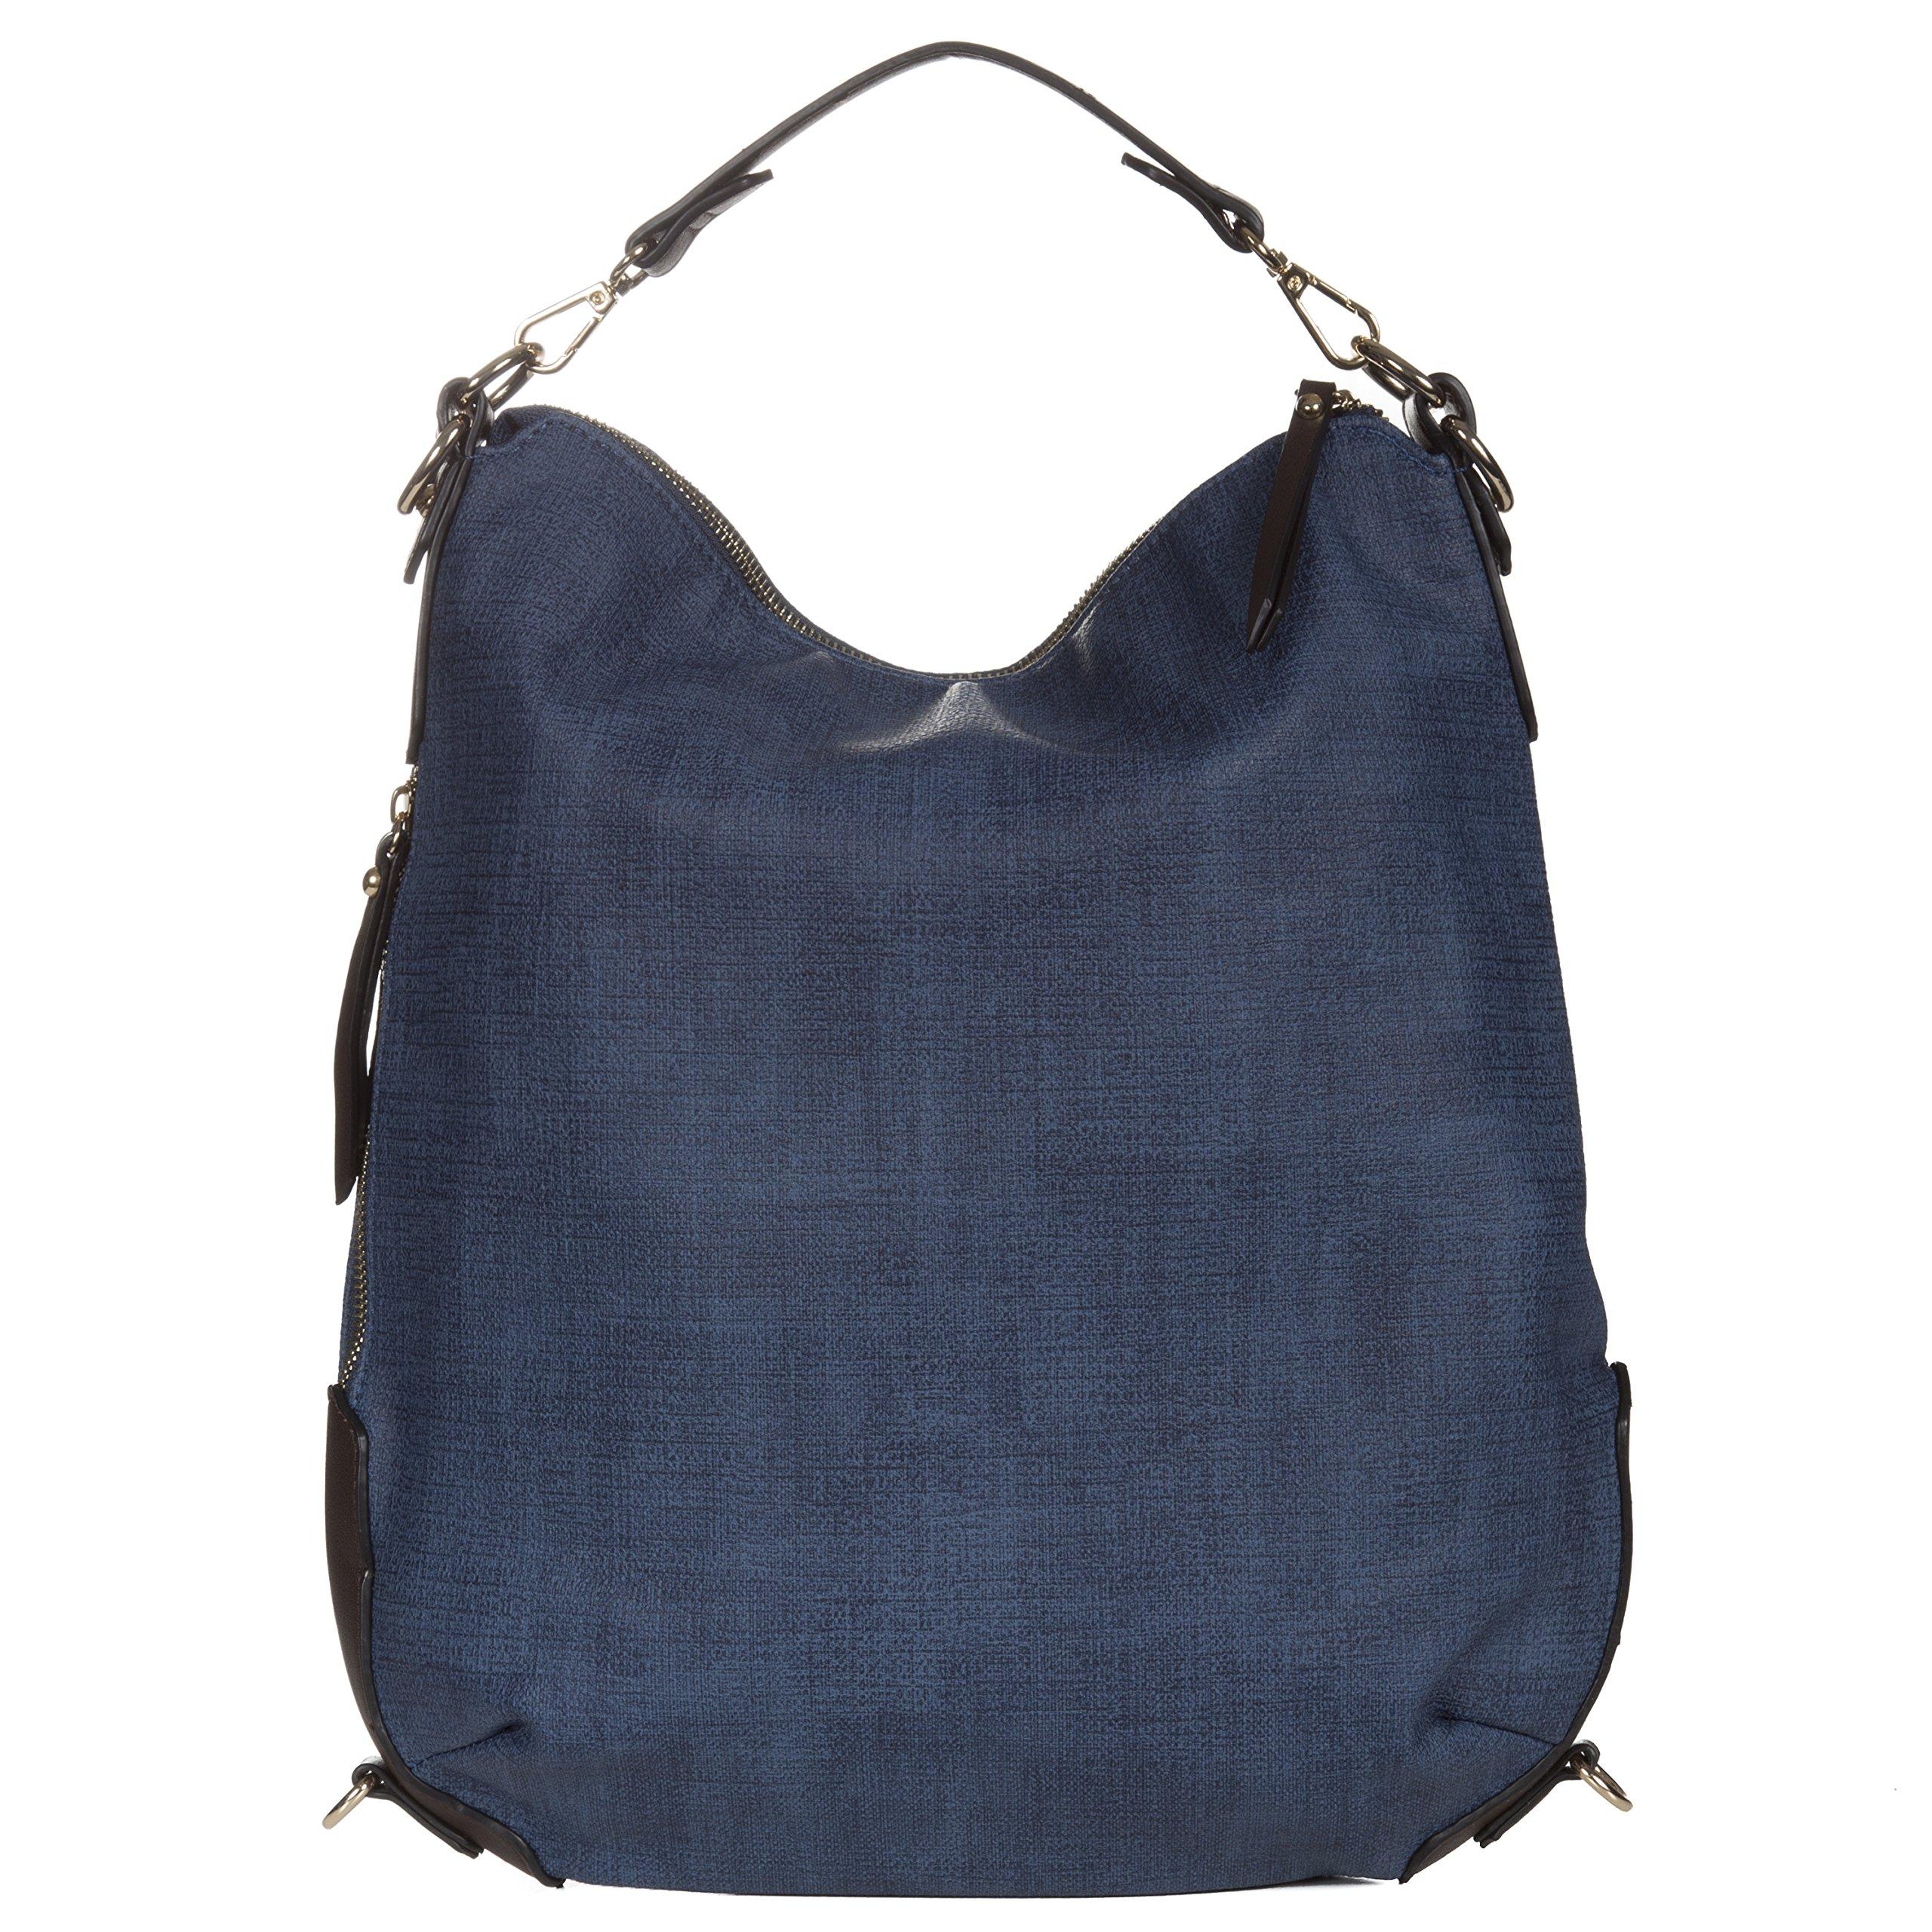 Handbag Republic Vegan Leather Women's PU Leather Designer Handbag Top Handle Tote Convertible Backpack (Denim)